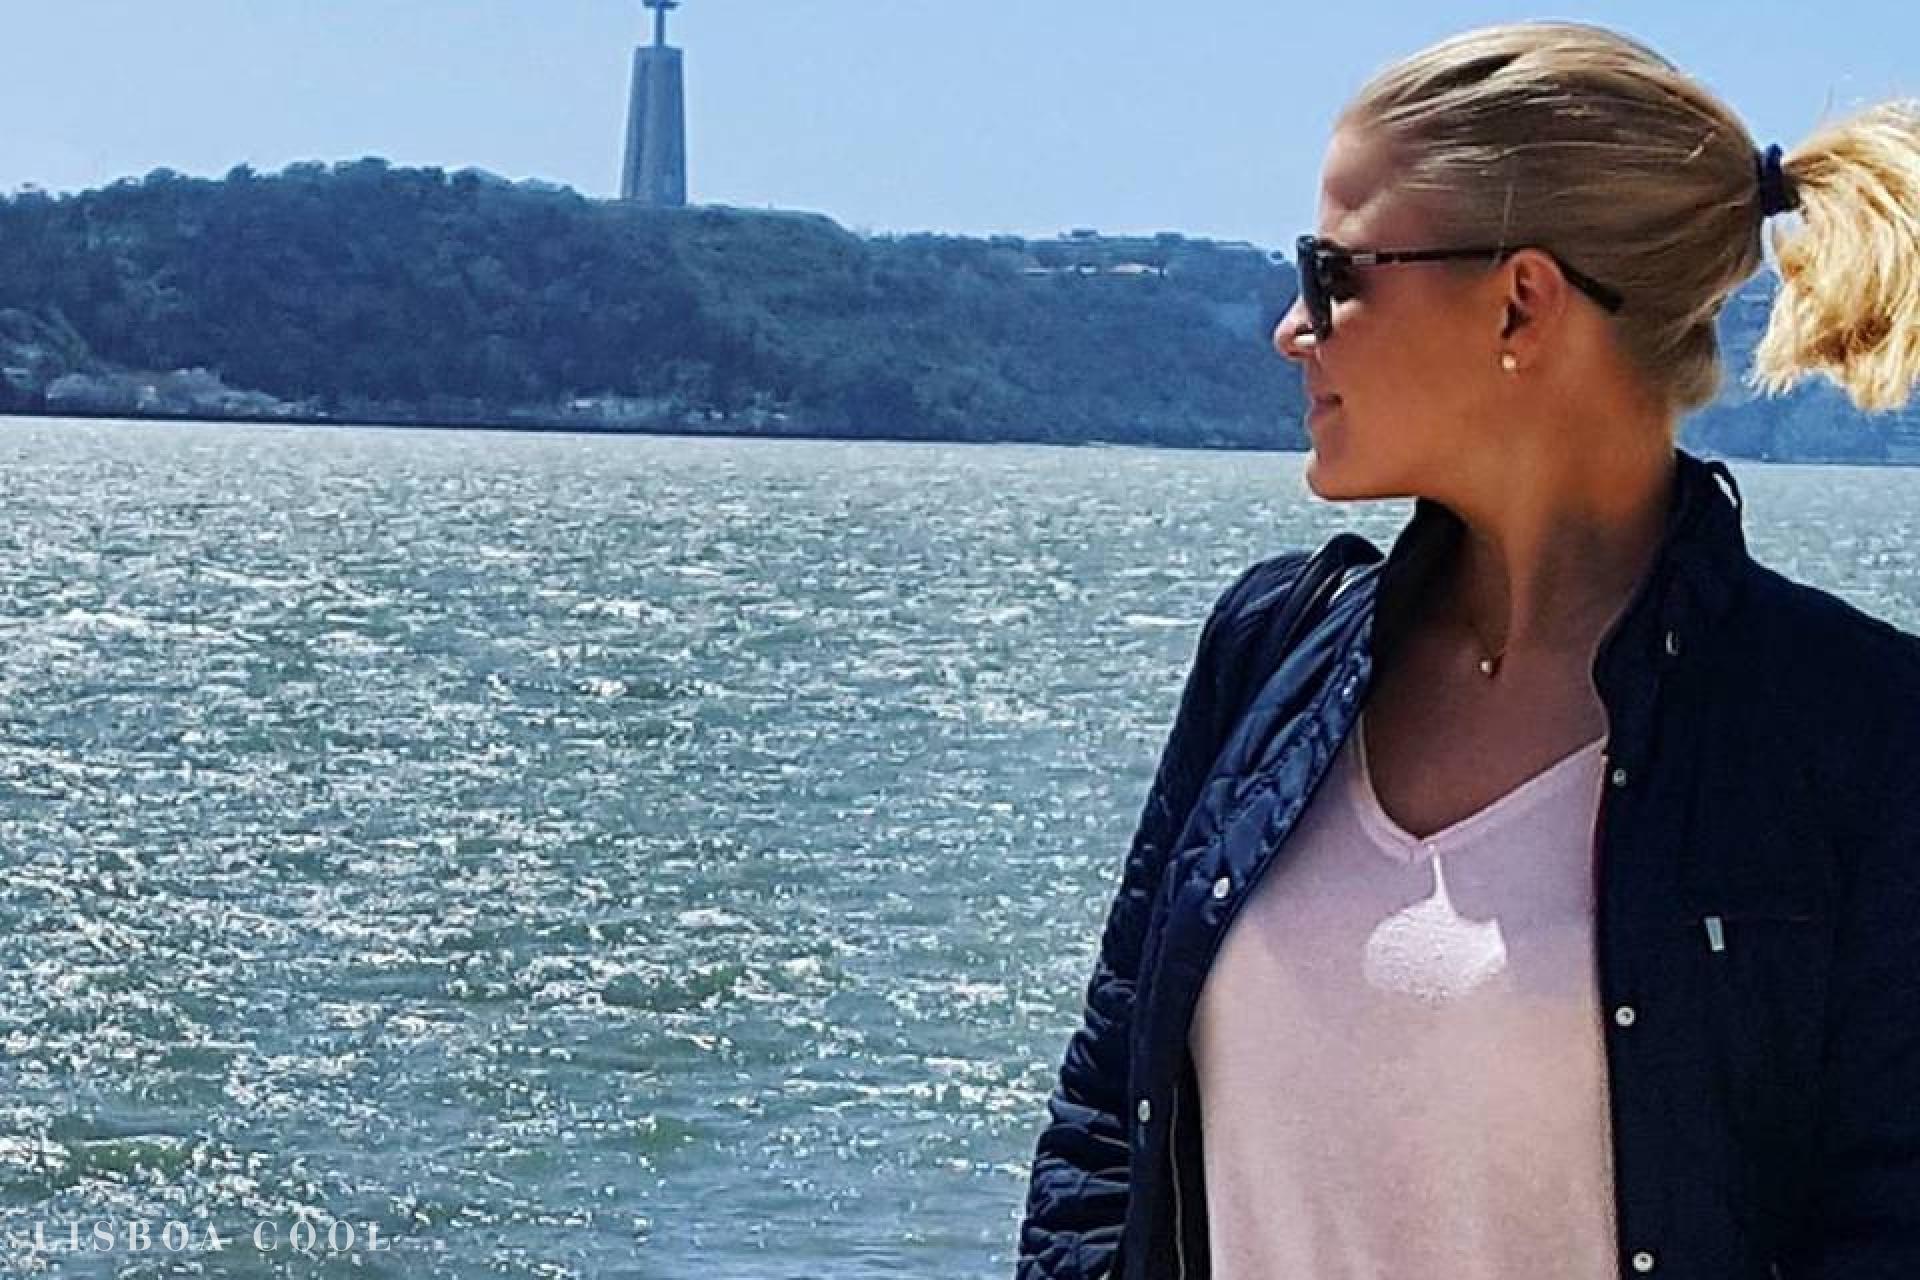 LisboaCool_Blog_4 must-do's in Lisbon by Regitse Cecillie Rosenvinge